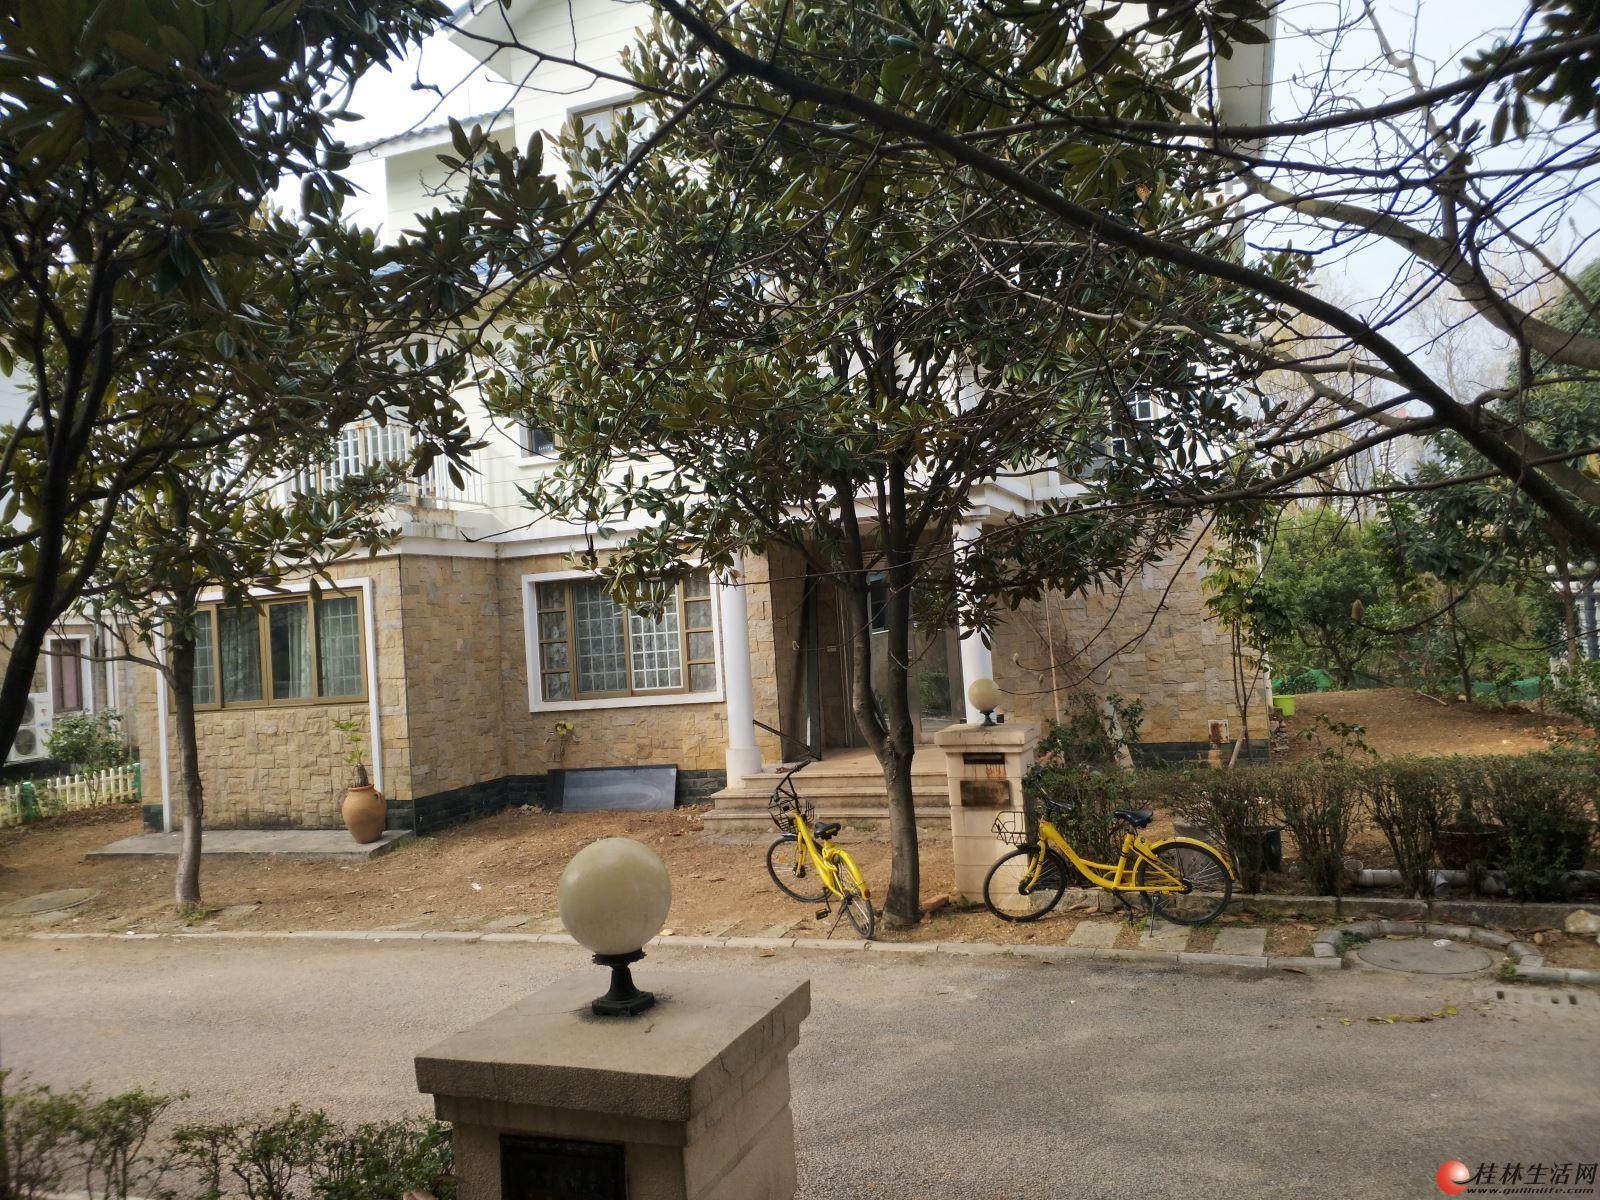 虎山路九里香堤独栋别墅 5室3厅3卫 户型超正占地500平米 350万